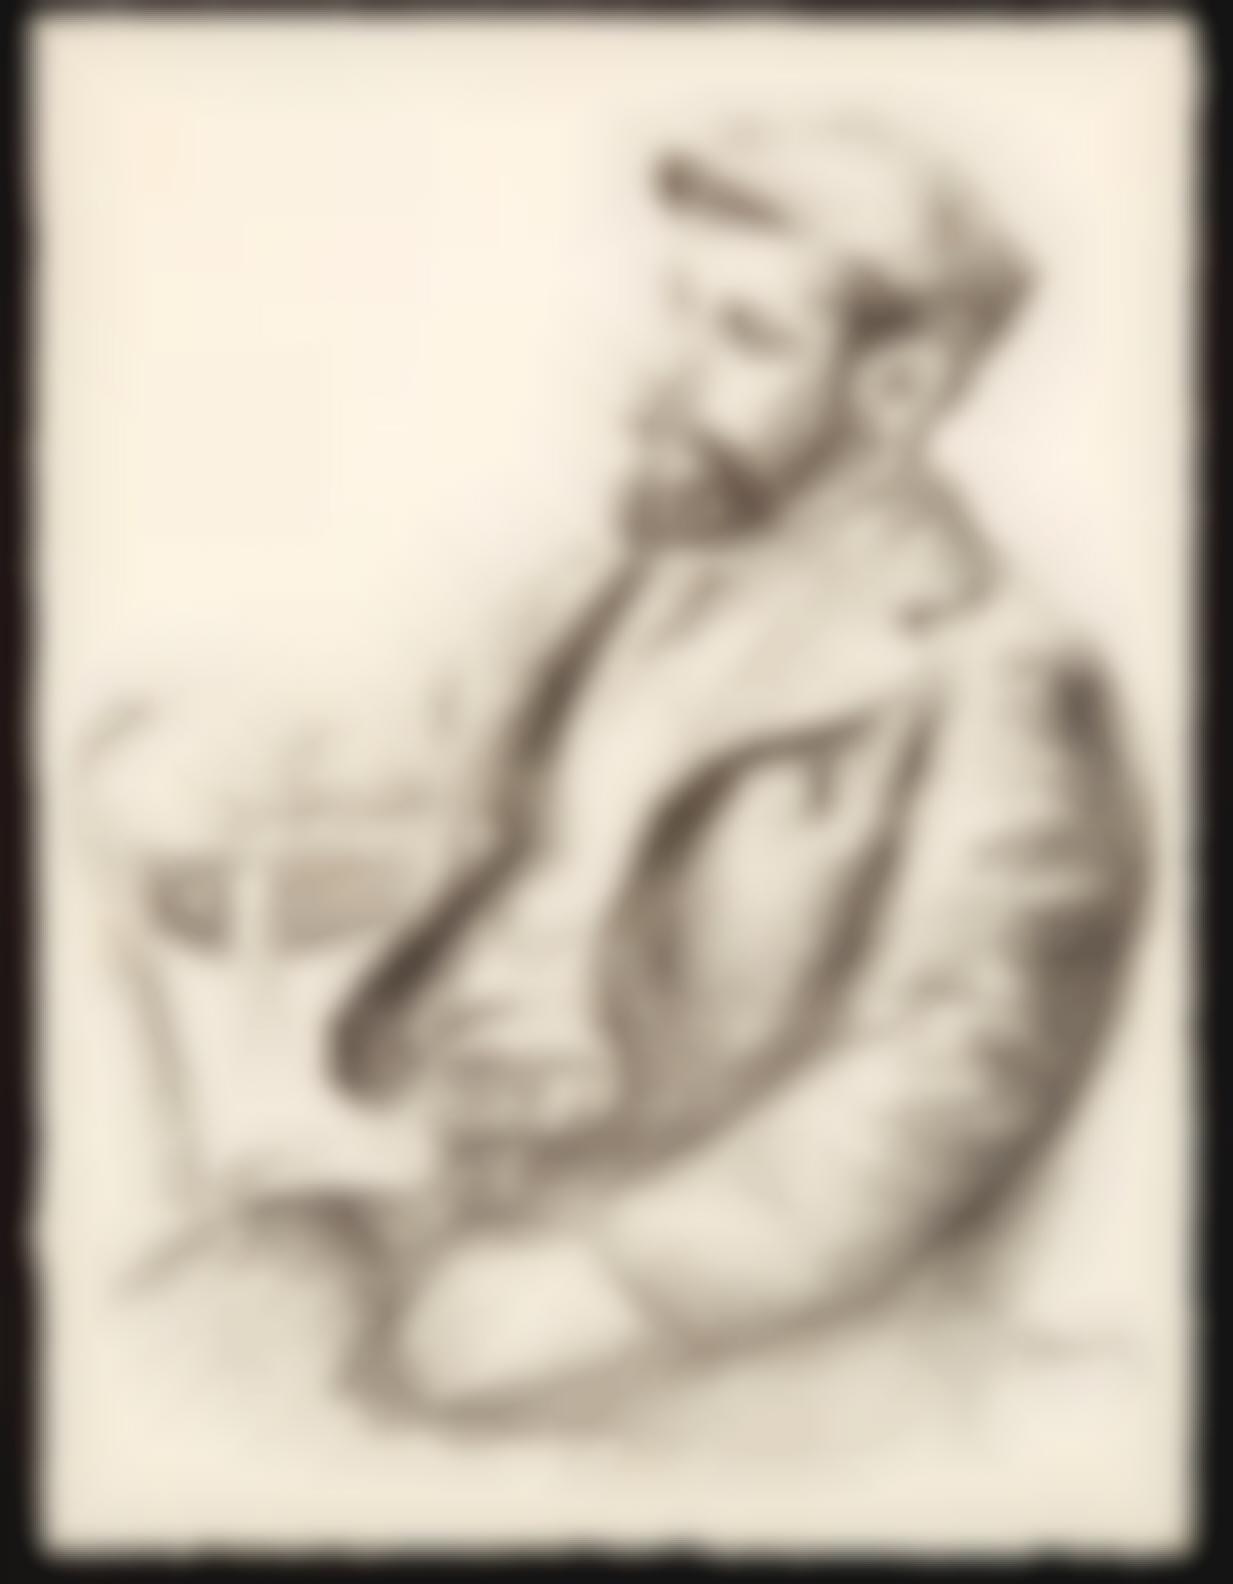 Pierre-Auguste Renoir-Louis Valtat, From Lalbum Des Douze Lithographes (D. 38), C. 1904-1904